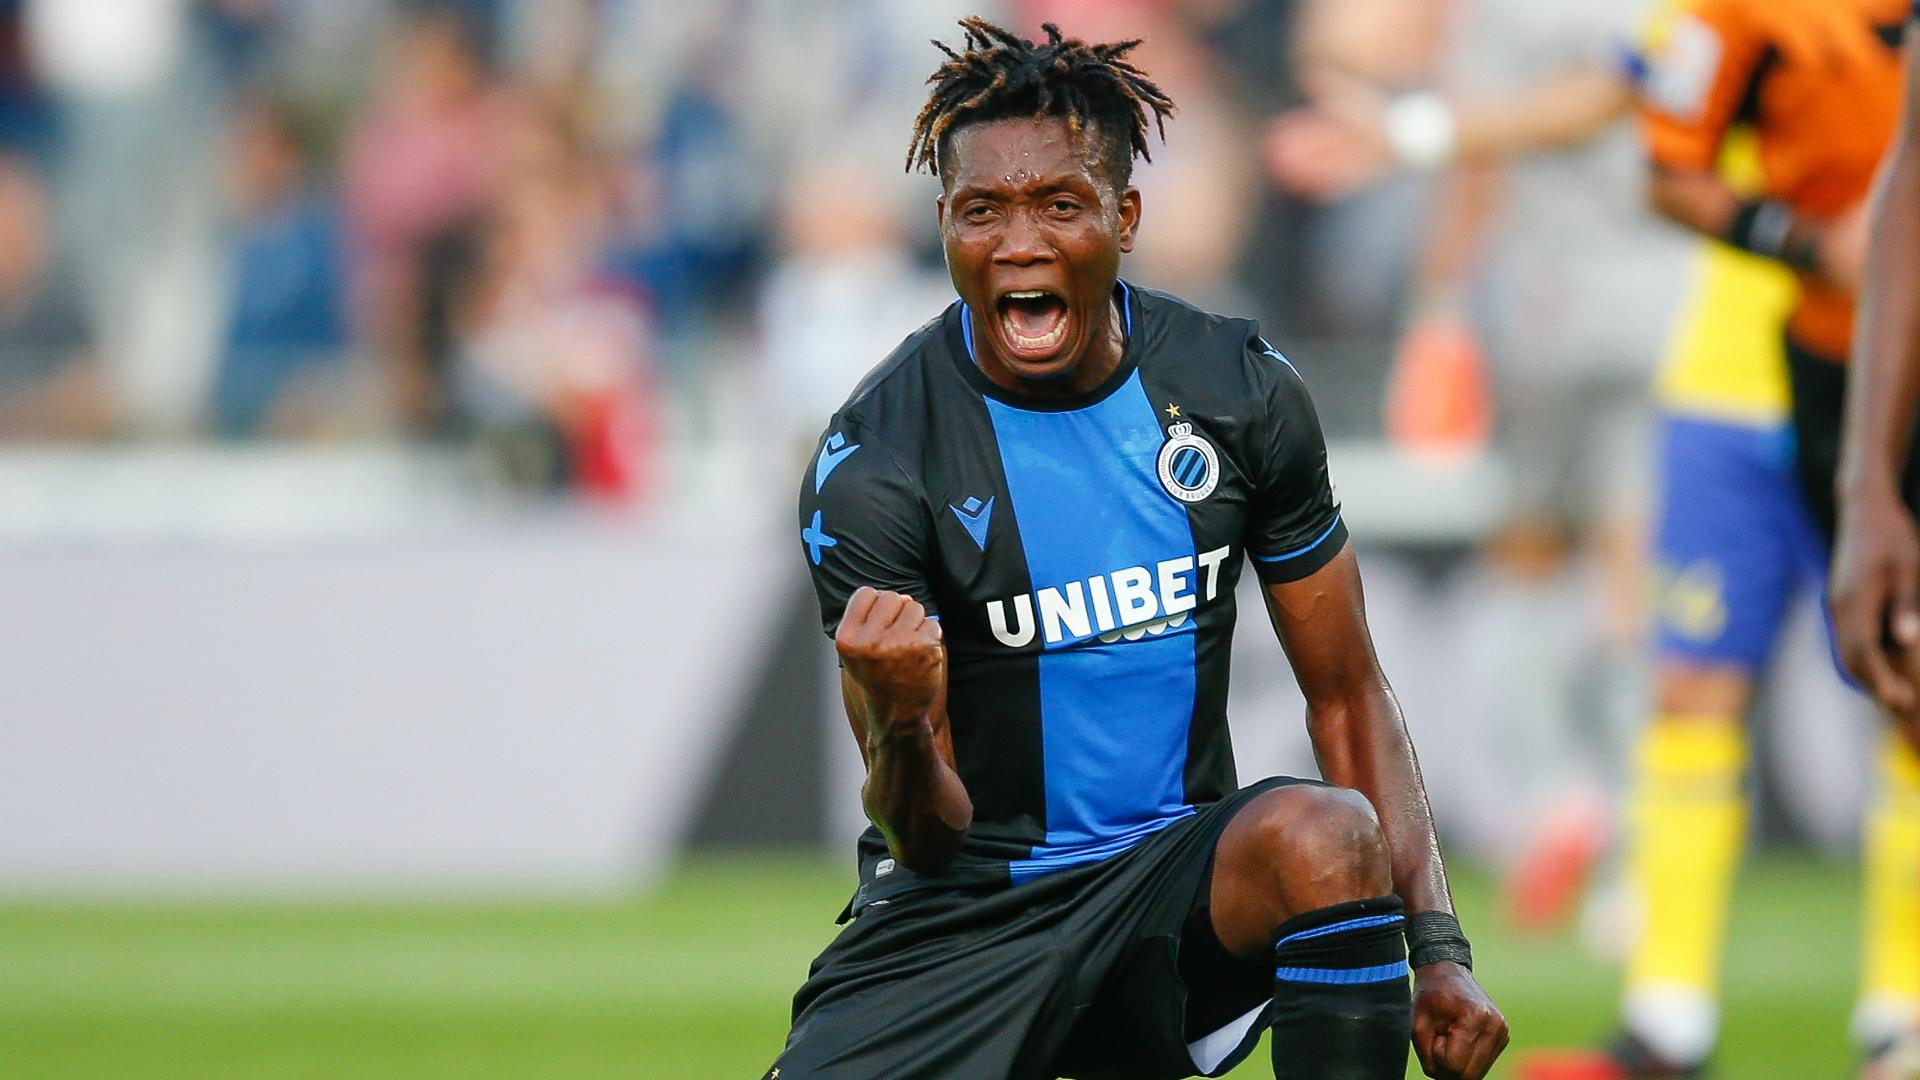 Okereke and Diagne goals stretch Club Brugge's unbeaten run in Belgian First Division A